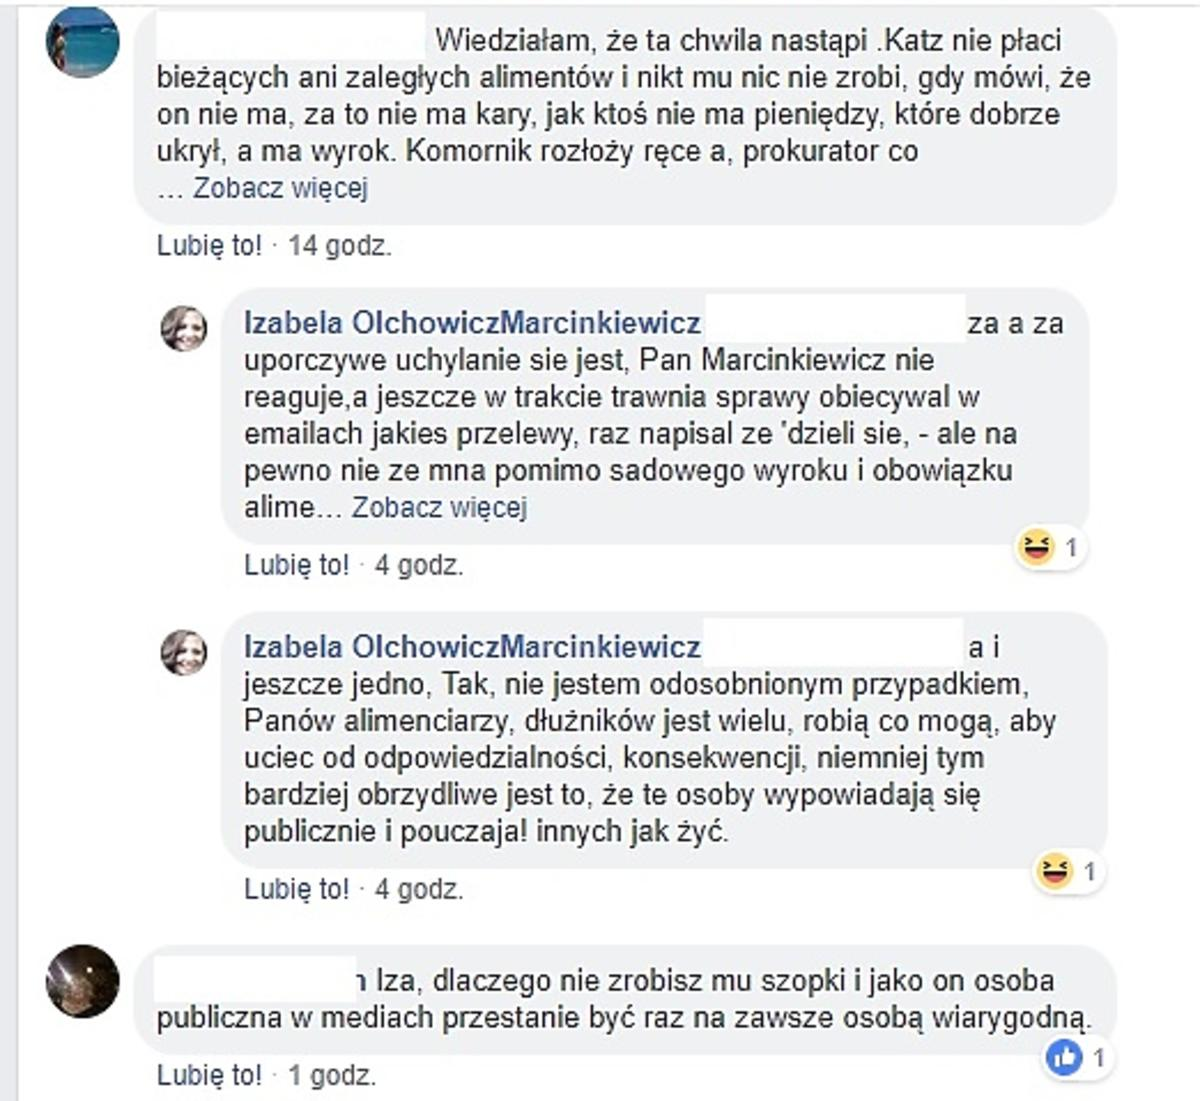 Izabela Marcinkiewicz zrzutka na książkę komentarze o alimentach